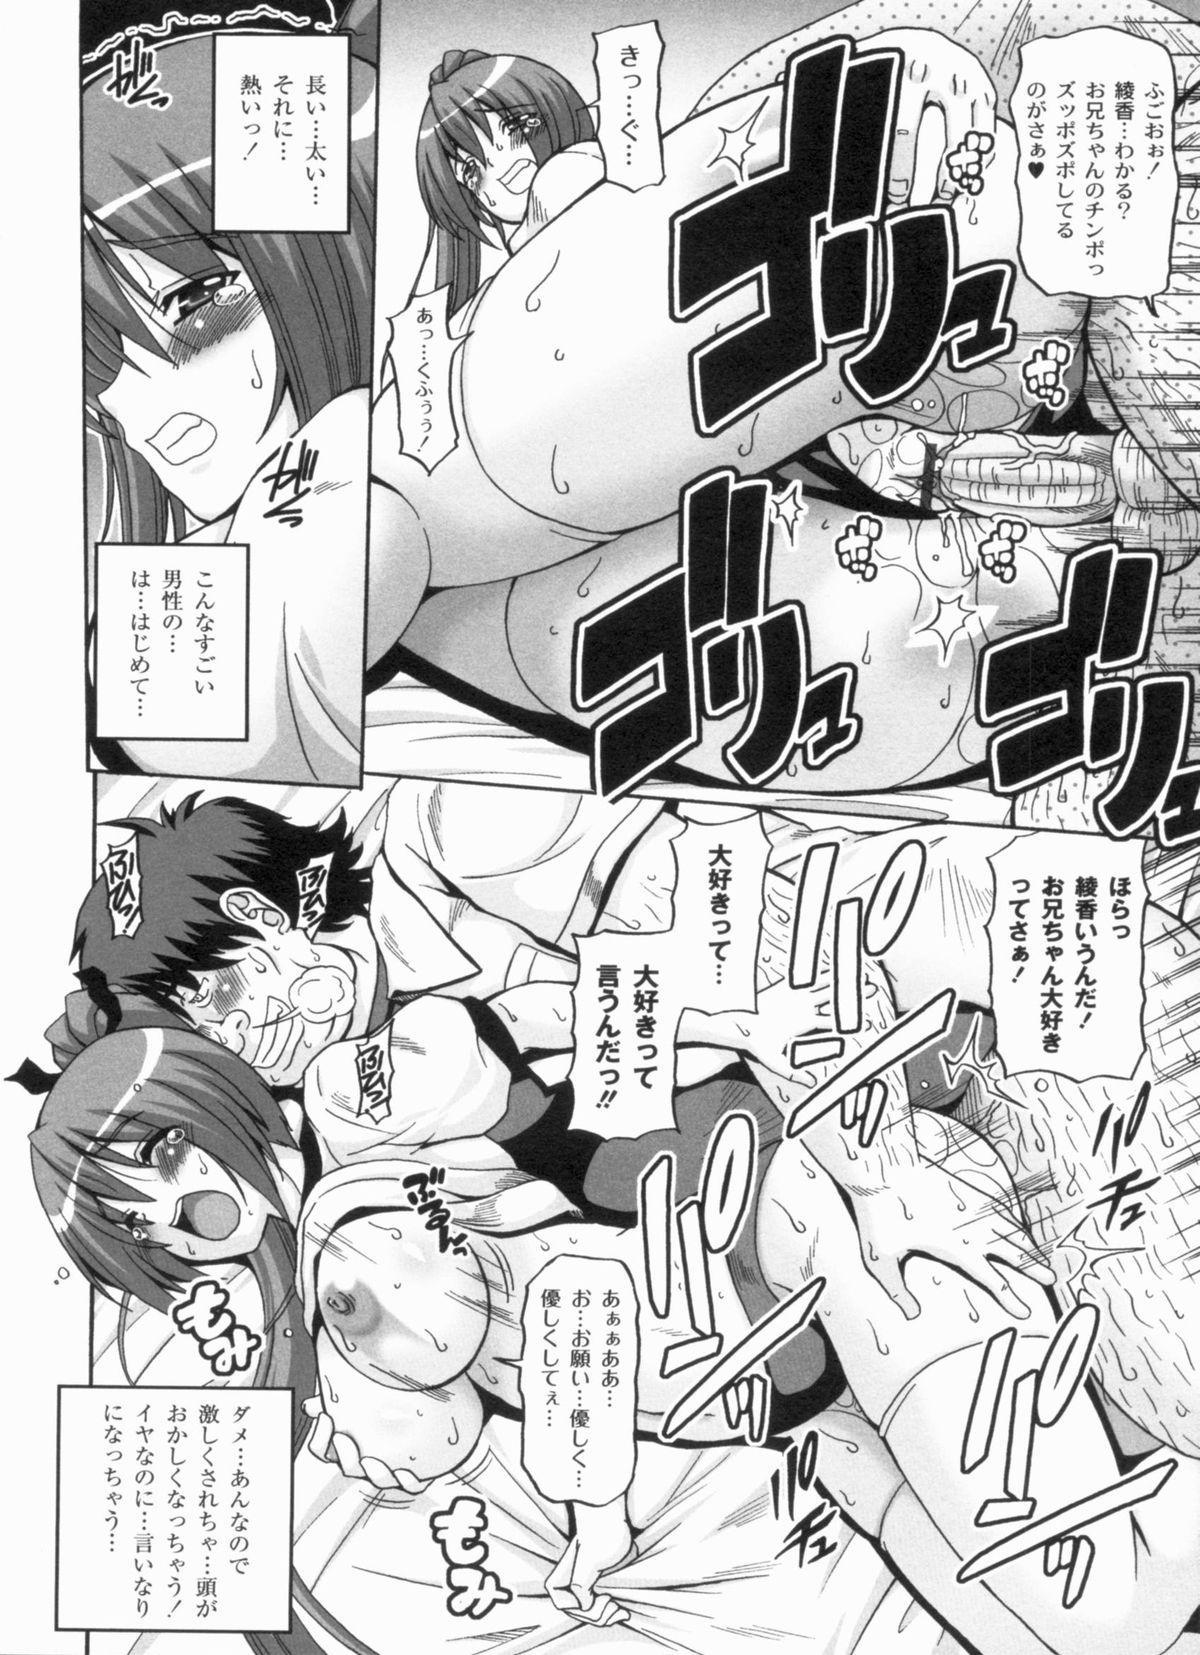 Ayaka no Kyouyuu Seikatsu 35